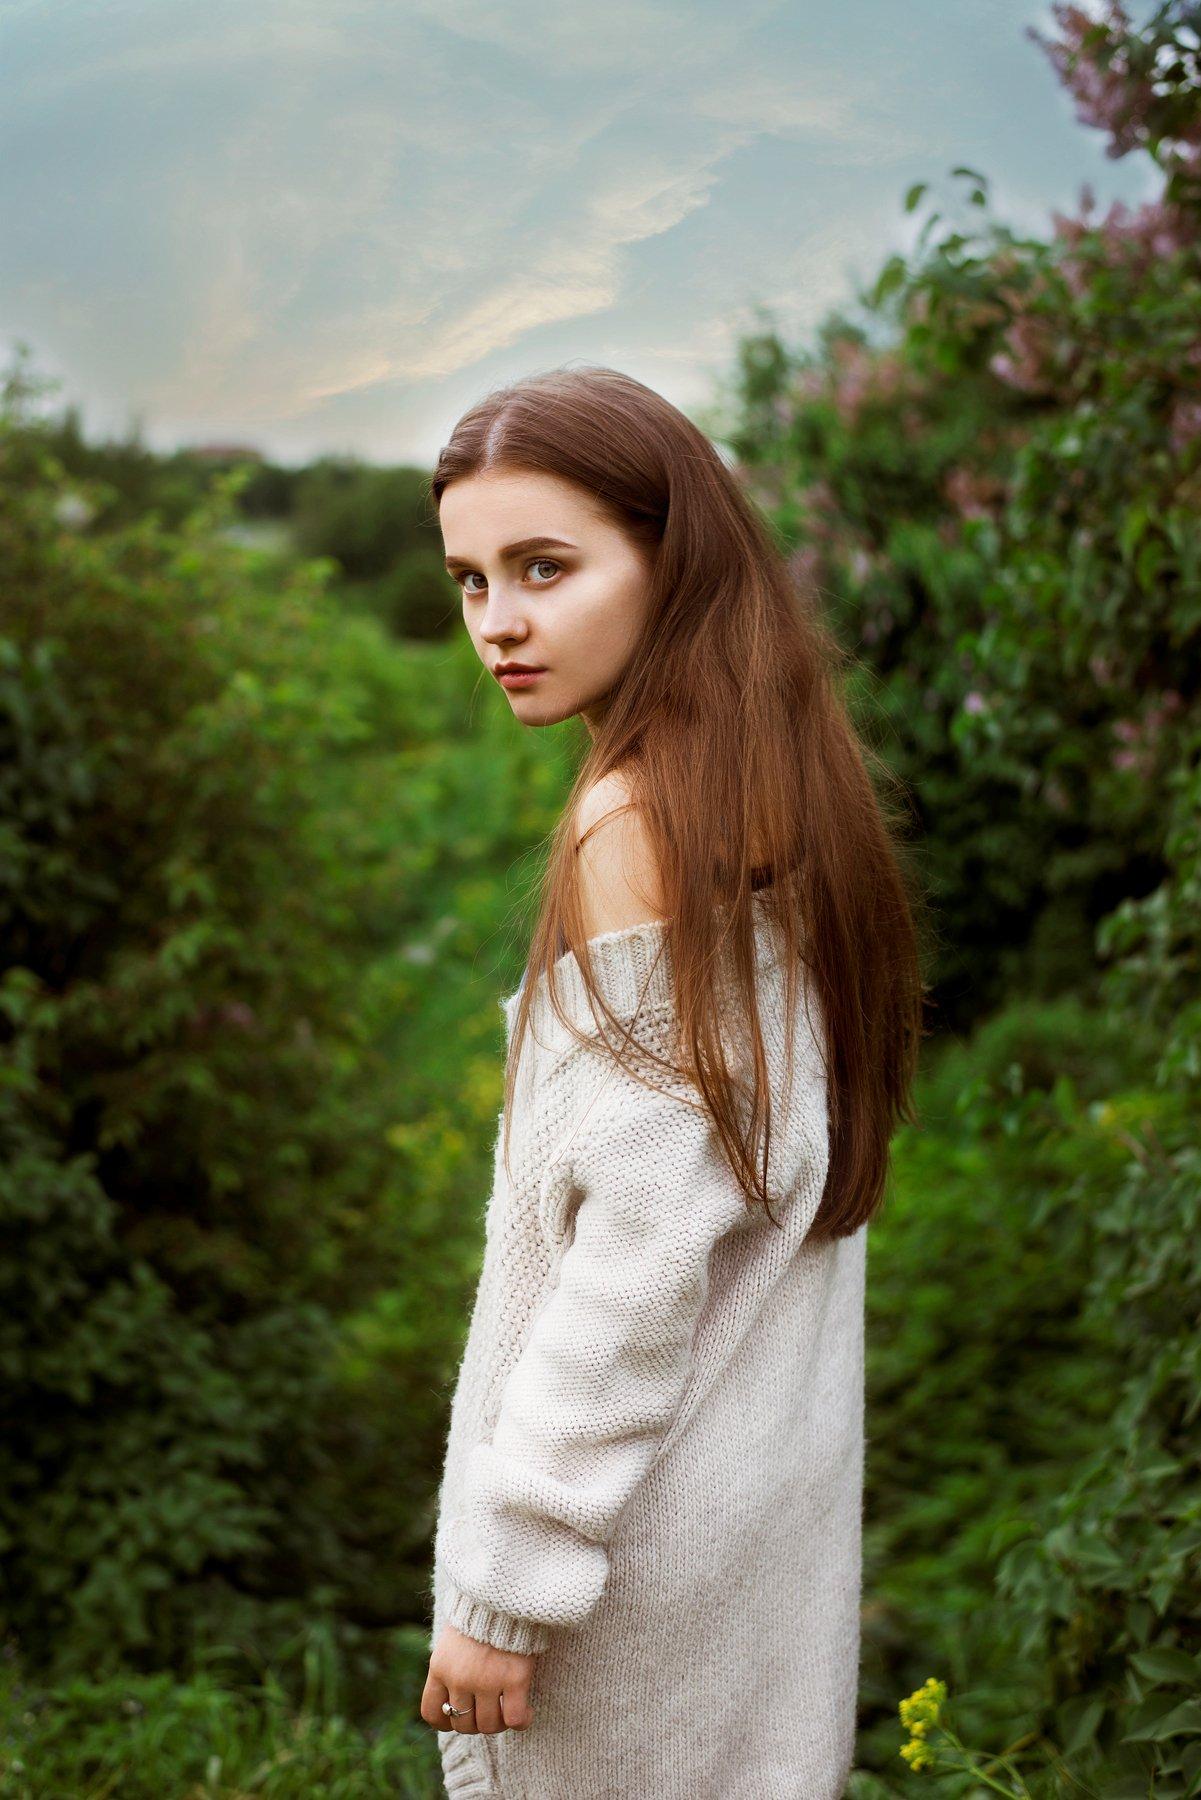 портрет, девушка, лето, Анастасия Добровольская